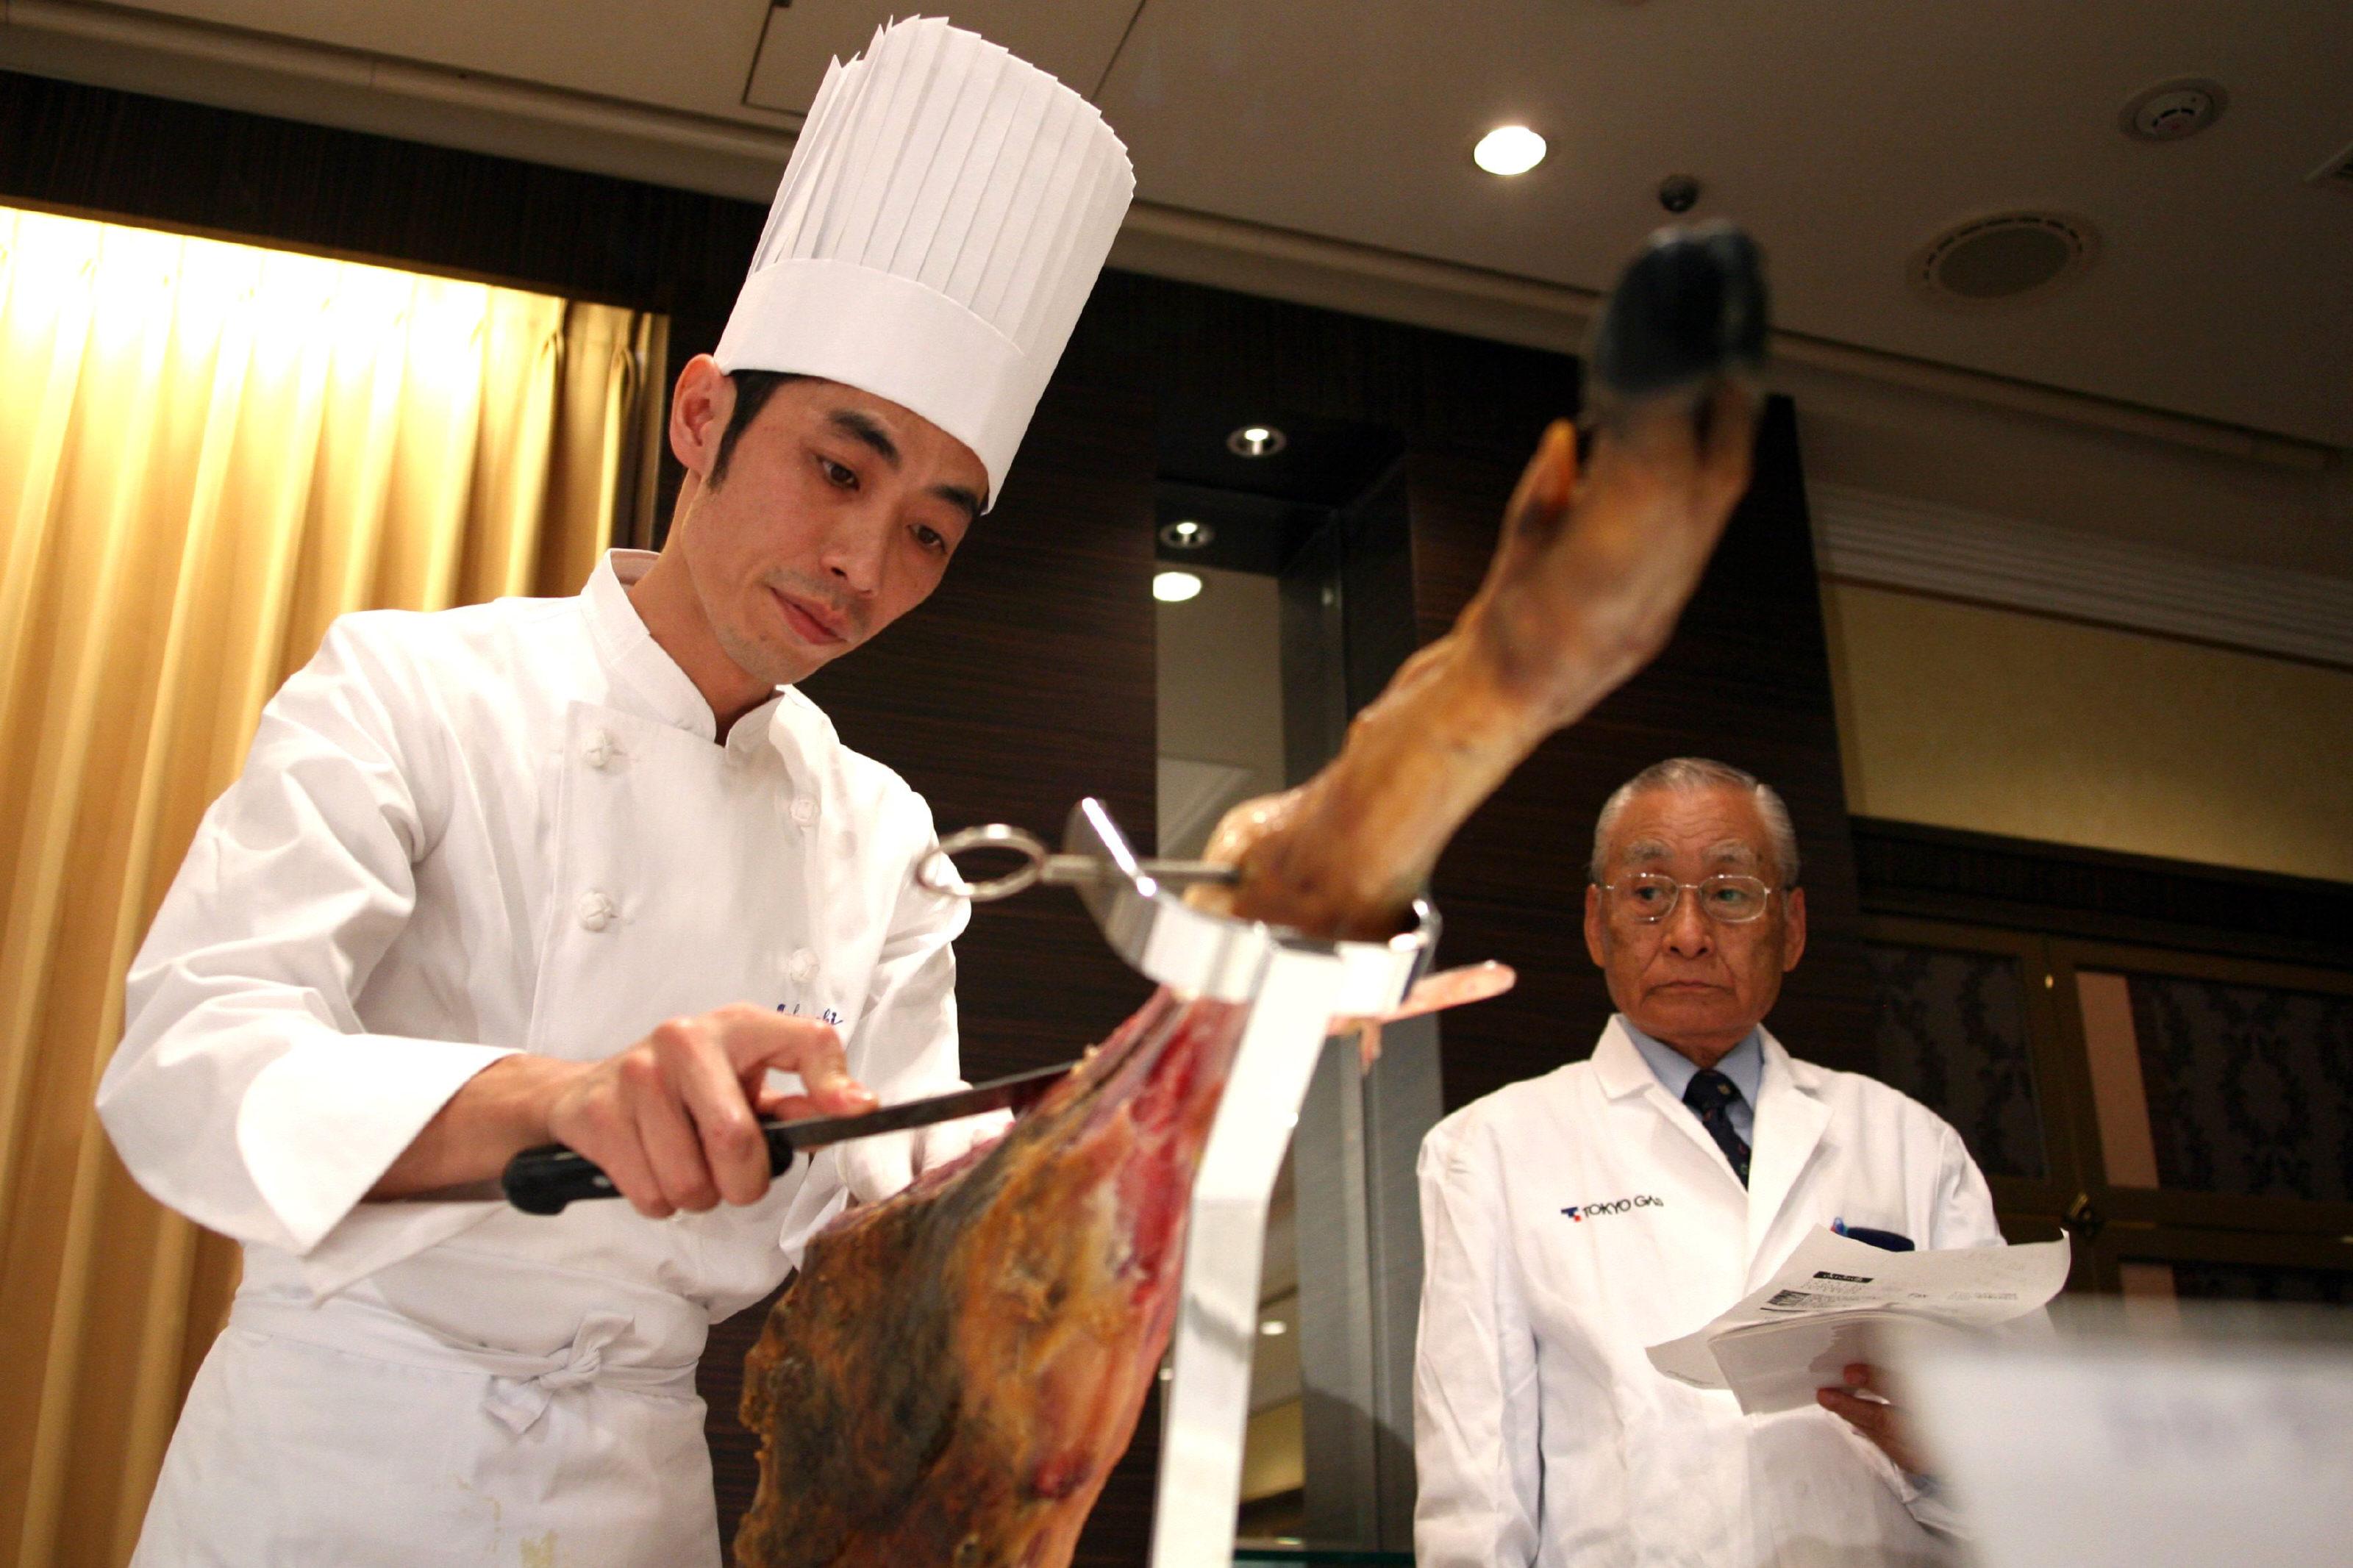 Uno de los participantes en un concurso de cortadores de jamón organizado por la Agencia Andaluza de Promoción Exterior (Extenda) en Tokio. / DAVID COLL BLANCO (EFE)